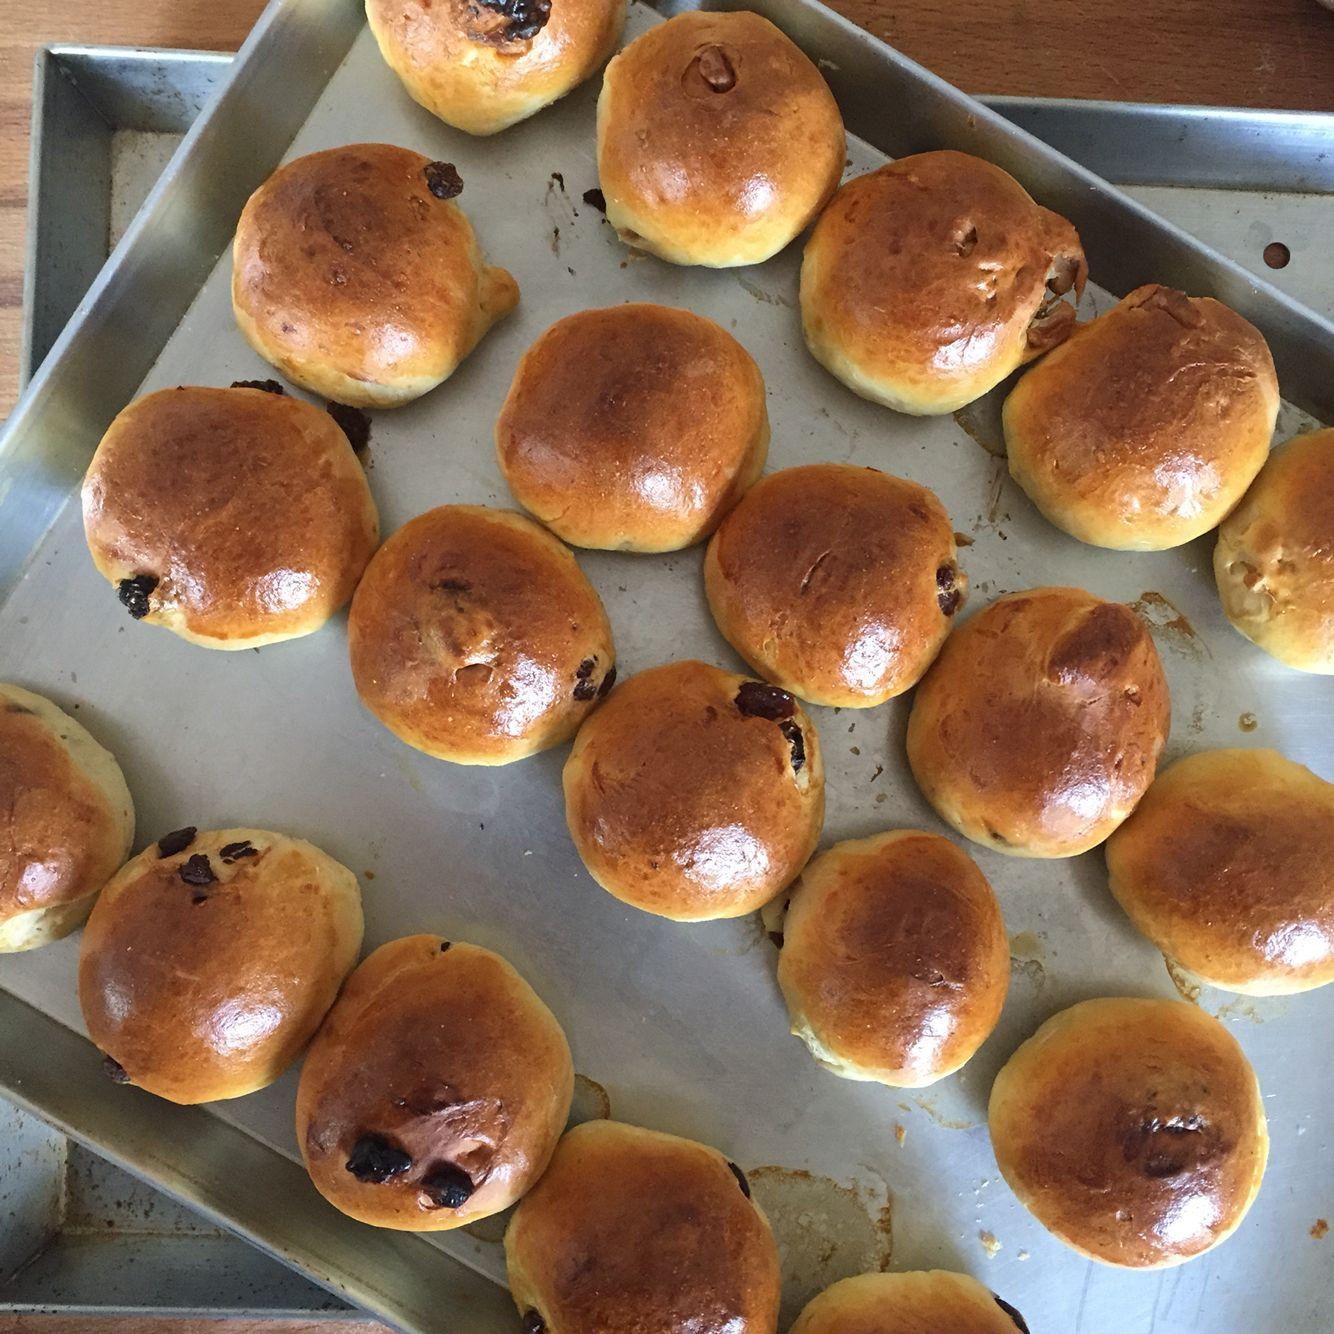 Food, Baking, Bread